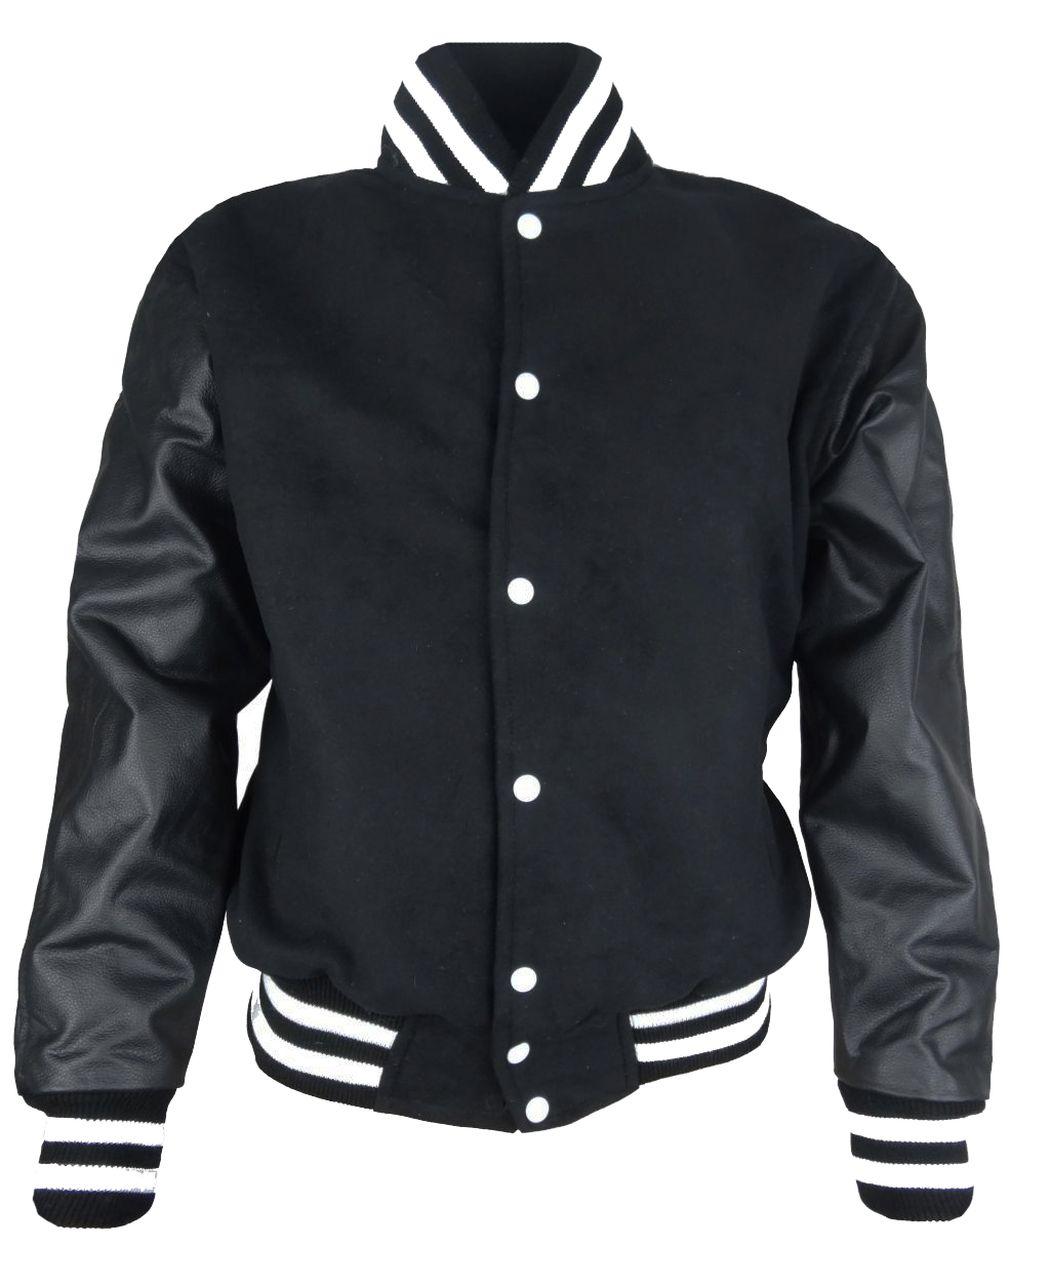 Herren College Jacke Sweat Jacke mit Leder Ärmel Schwarz S - 5 XL